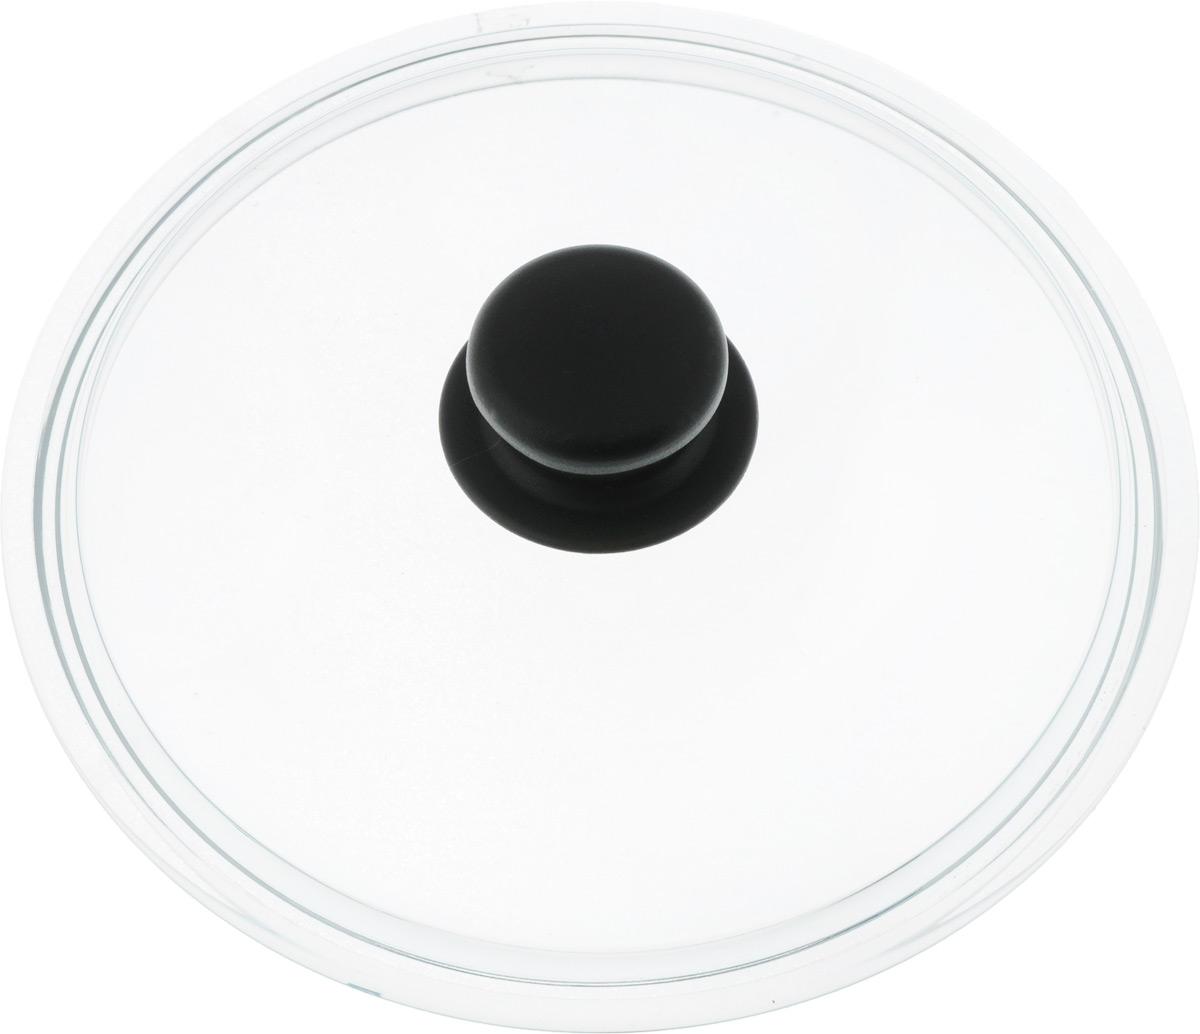 Крышка стеклянная Добрыня. Диаметр 22 см. DO-4002DO-4002Крышка Добрыня изготовлена из термостойкого и экологически чистого стекла. Крышка оснащена удобной ненагревающейся ручкой из пластика. Такая крышка позволит следить за процессом приготовления пищи без потери тепла. Она плотно прилегает к краям посуды, сохраняя аромат блюд. Выдерживает перепады температур от -40°С до +150°С. Можно мыть в посудомоечной машине. Изделие можно использовать в духовке без ручки.